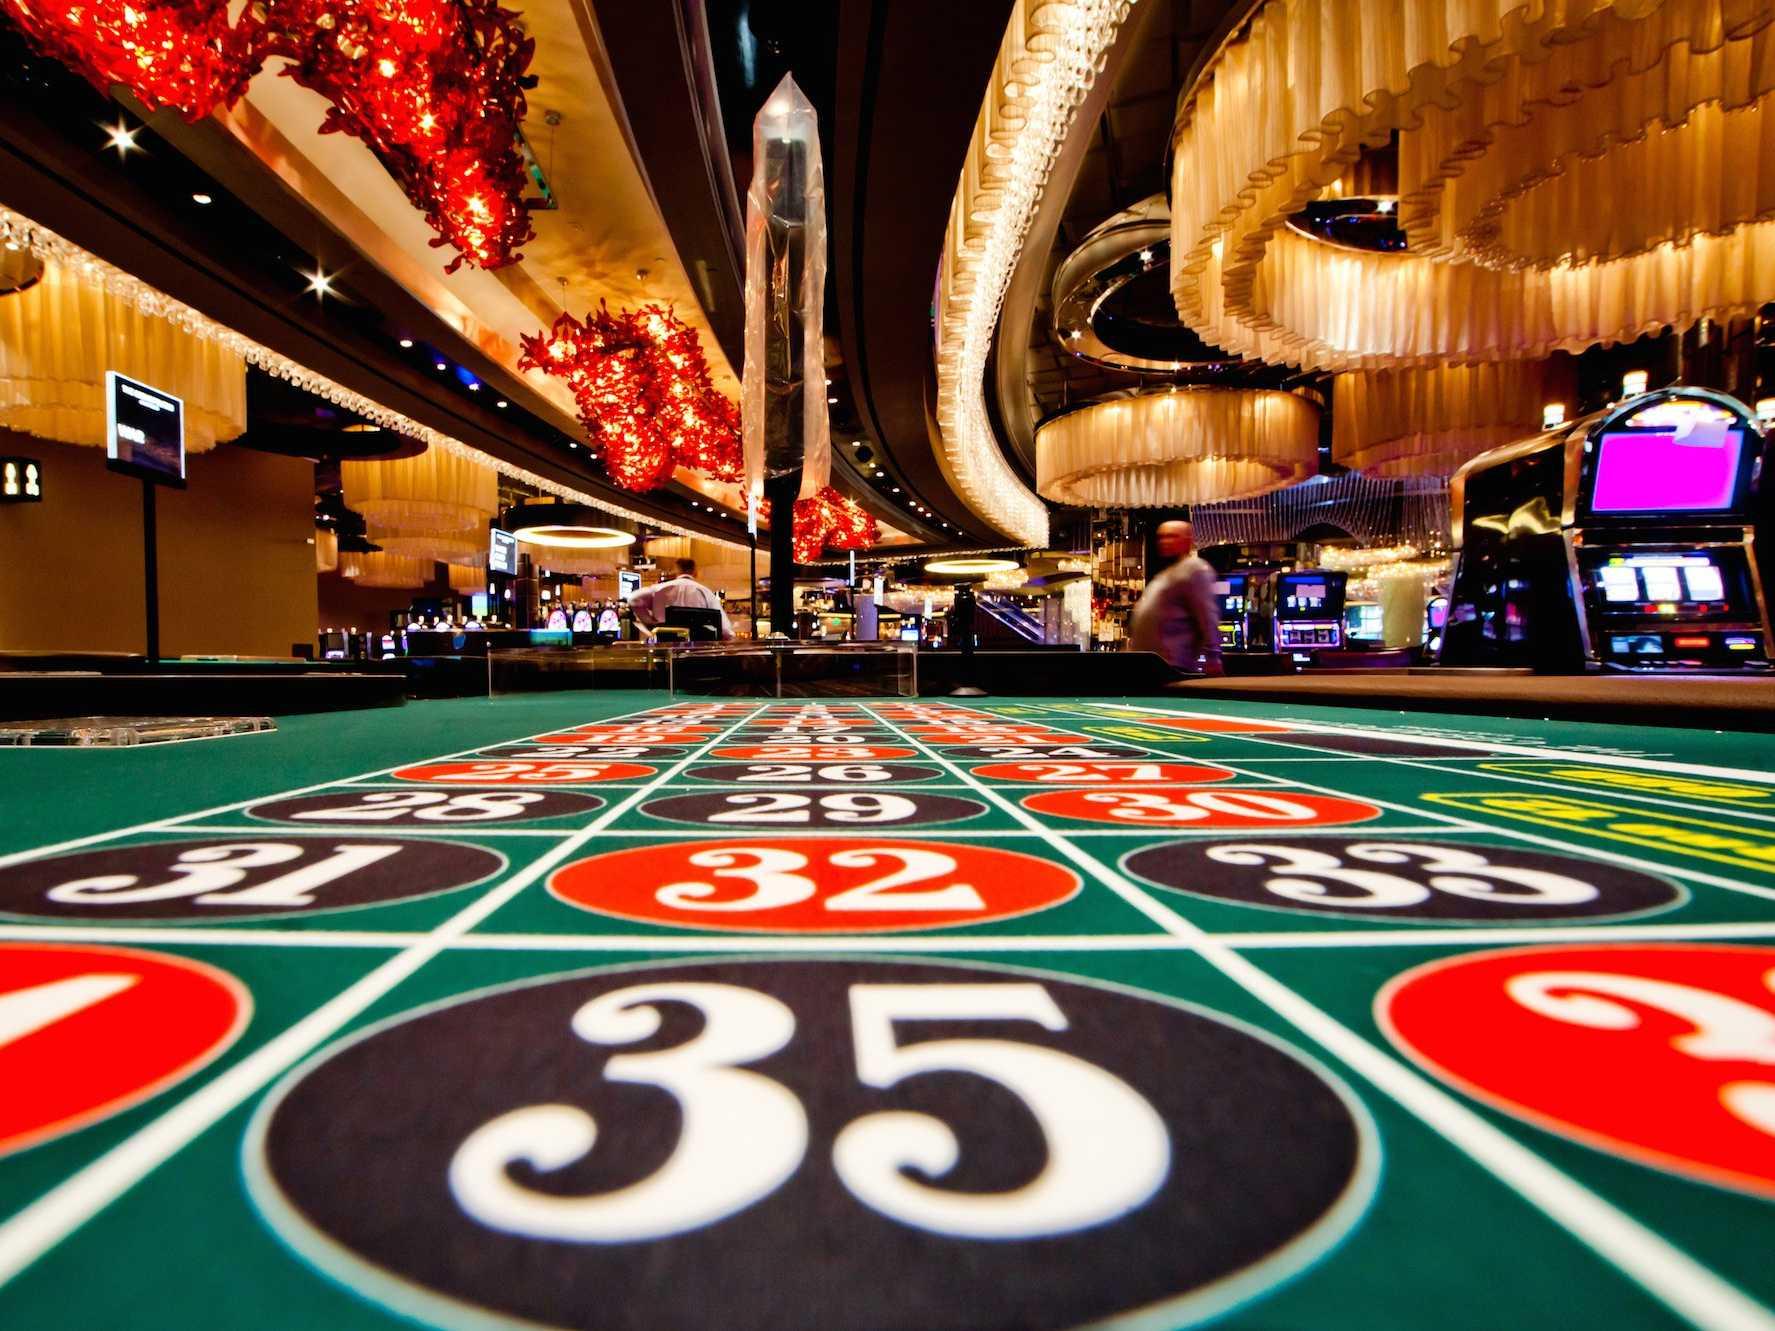 Chiudere il conto gioco nei casino online